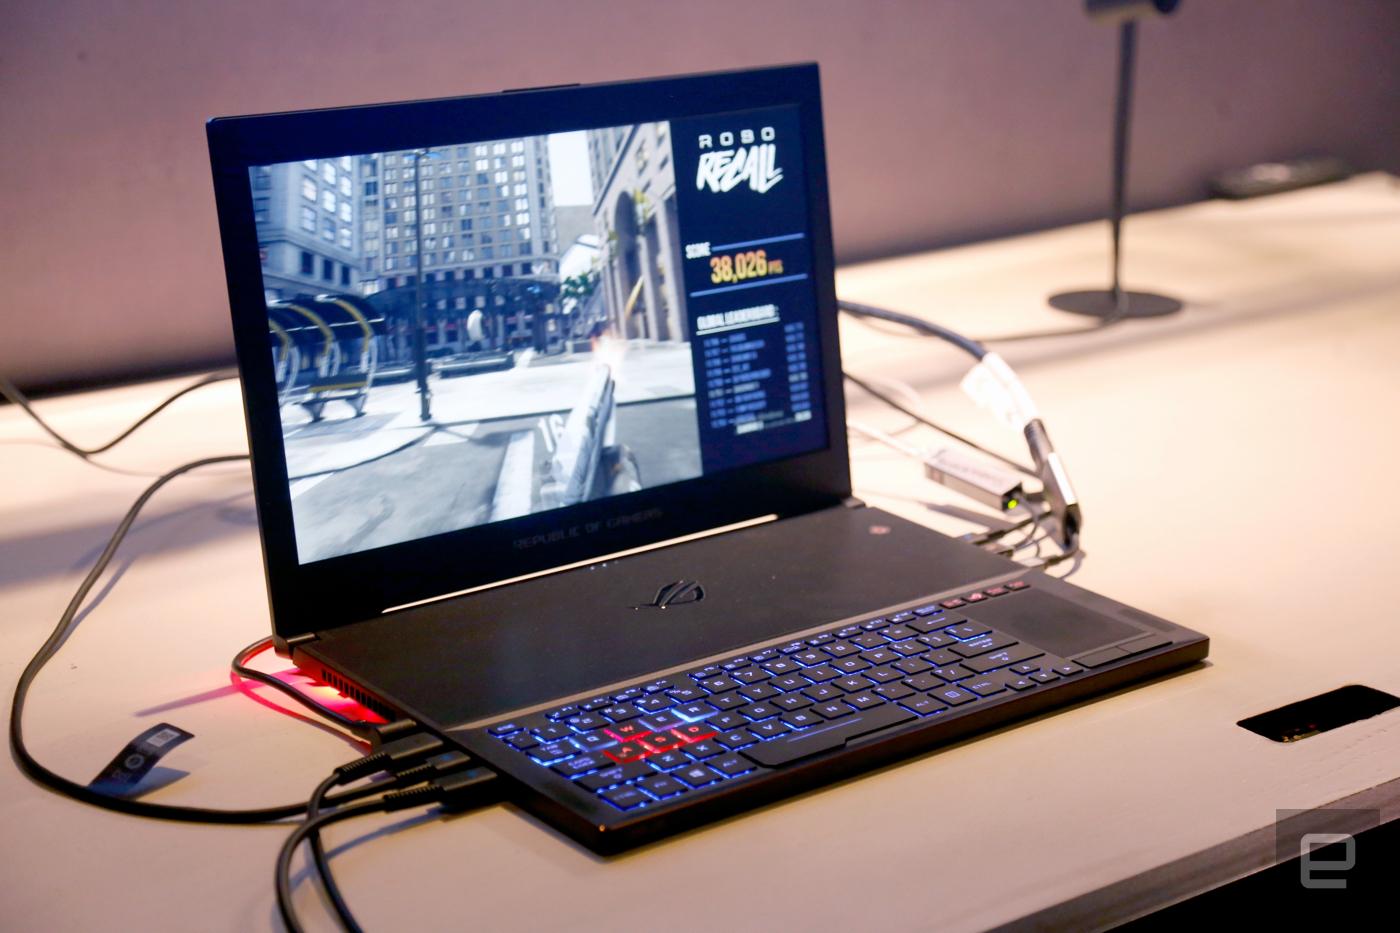 ASUS RoG ra mắt laptop gaming mỏng nhất thế giới, dày 16,9mm, chạy card GTX 1080